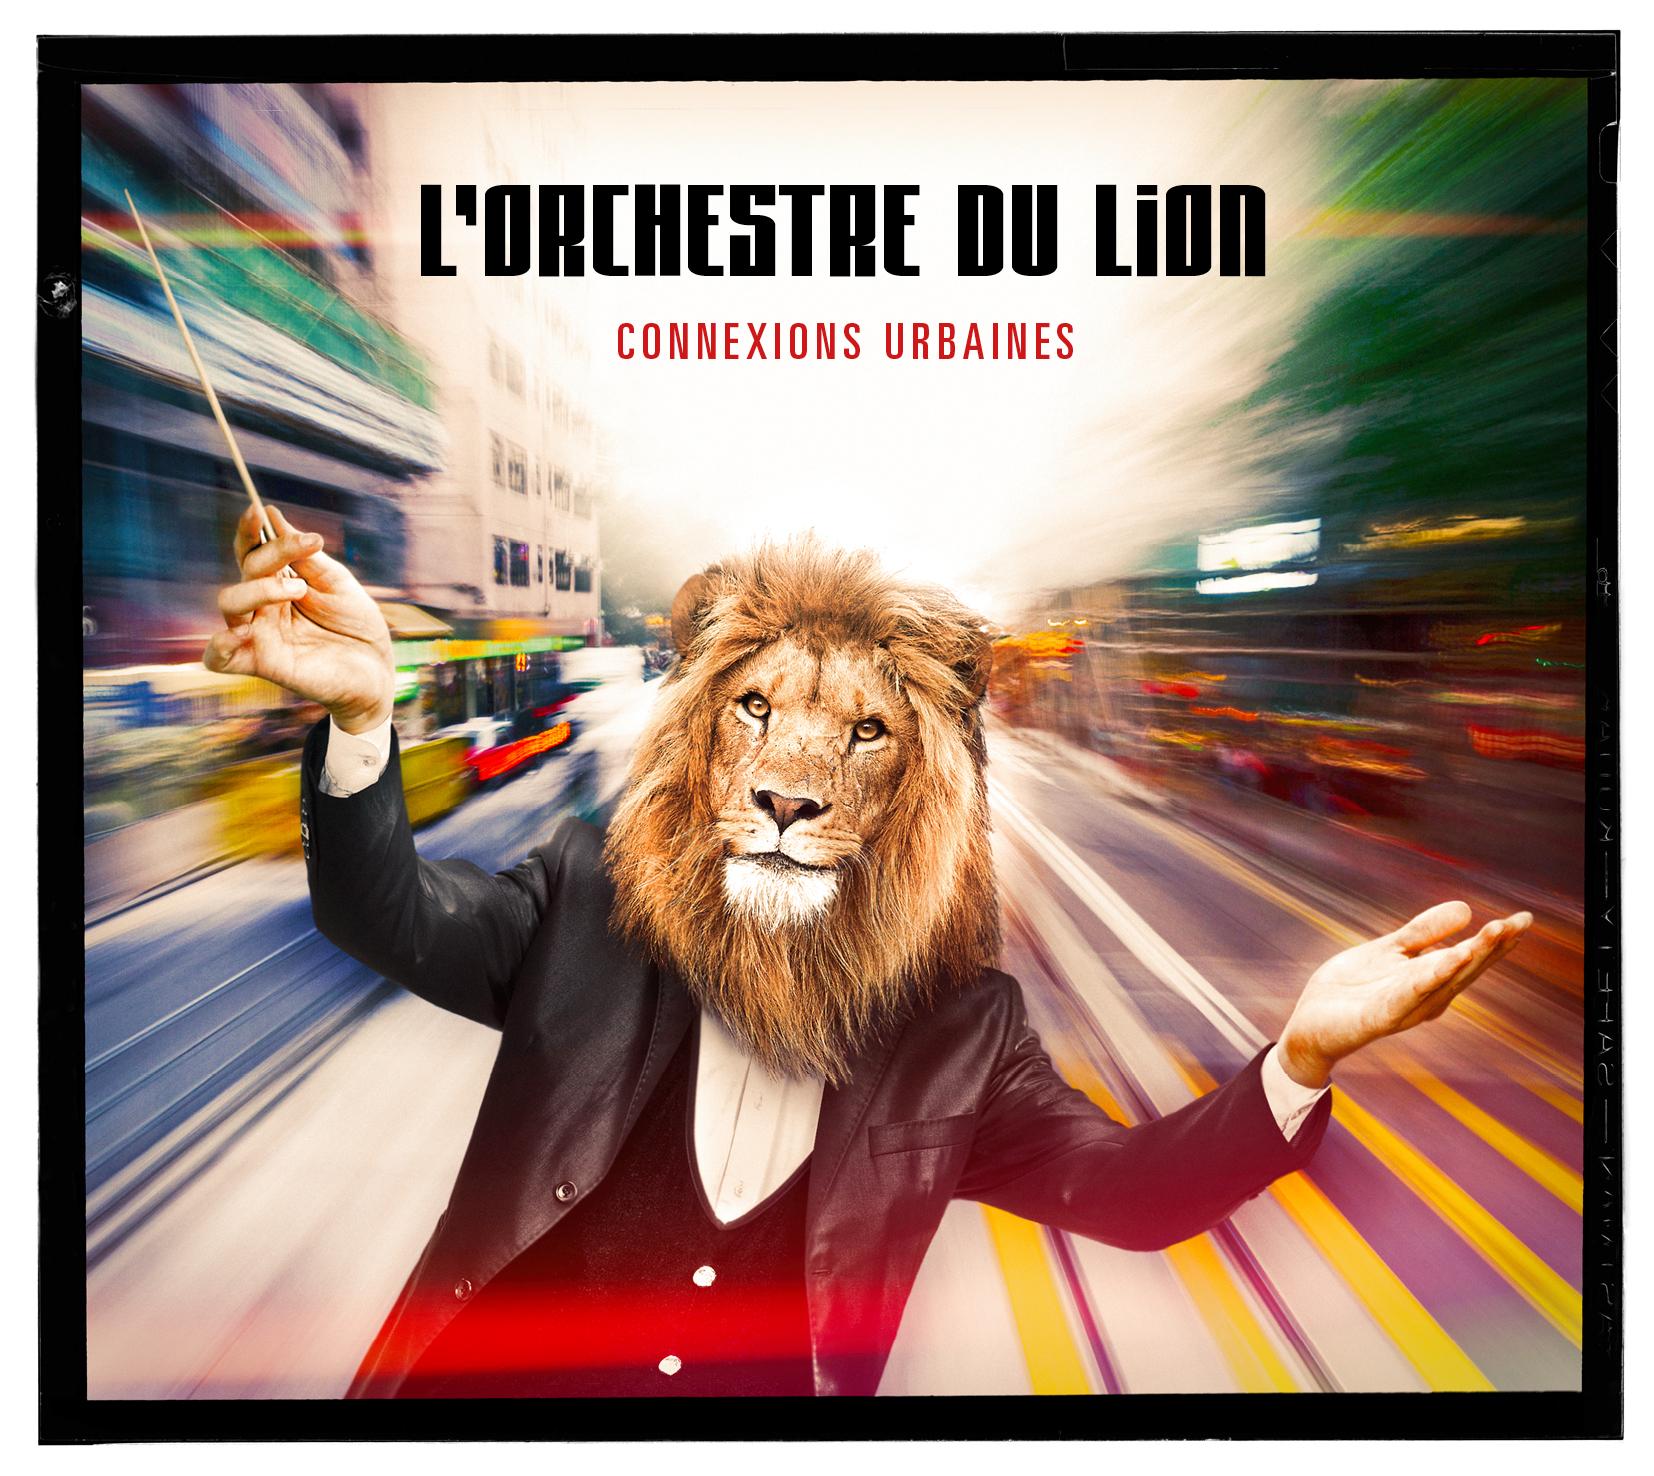 L'Orchestre du Lion